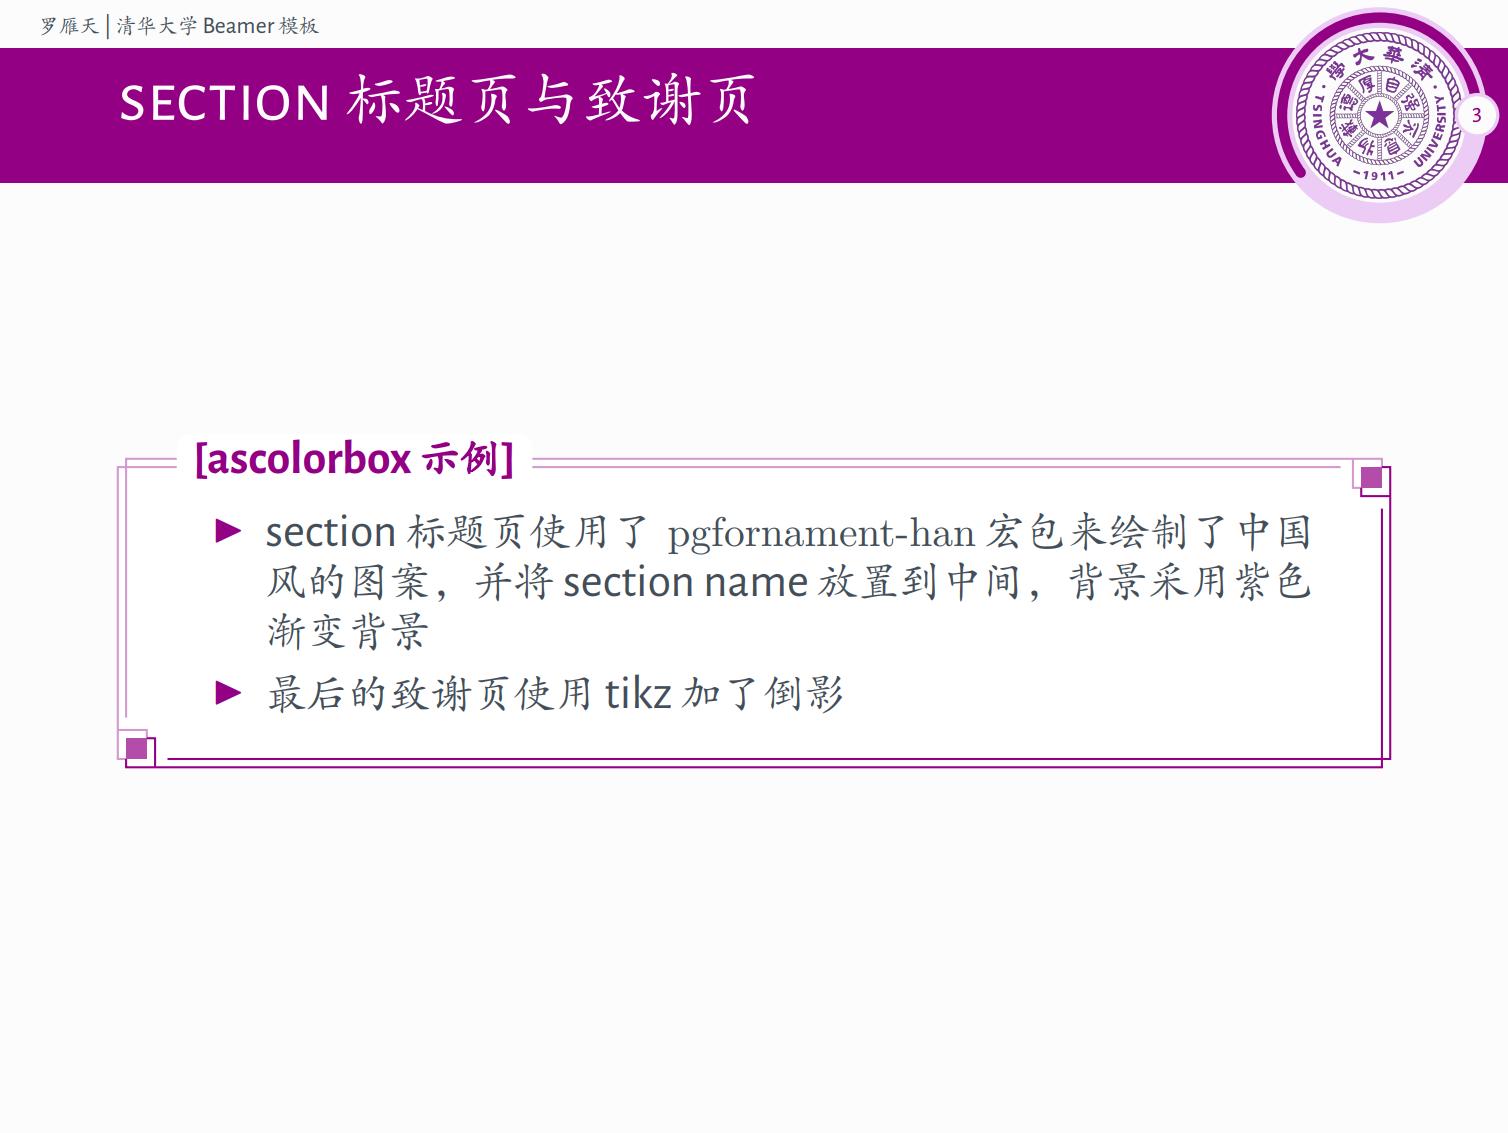 清华大学中文Beamer模板(另一版)